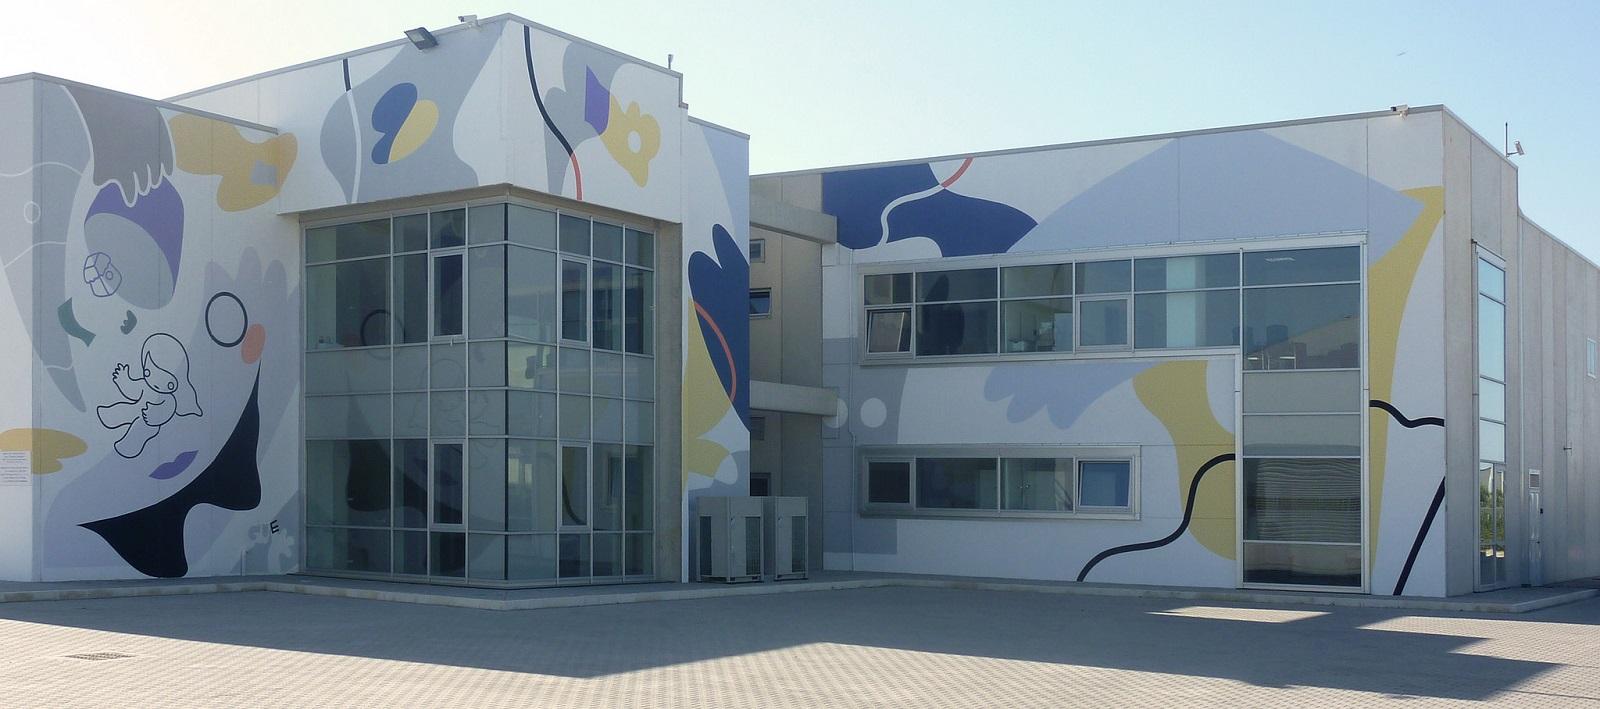 gue-new-murals-in-castrofilippo-and-modica-07